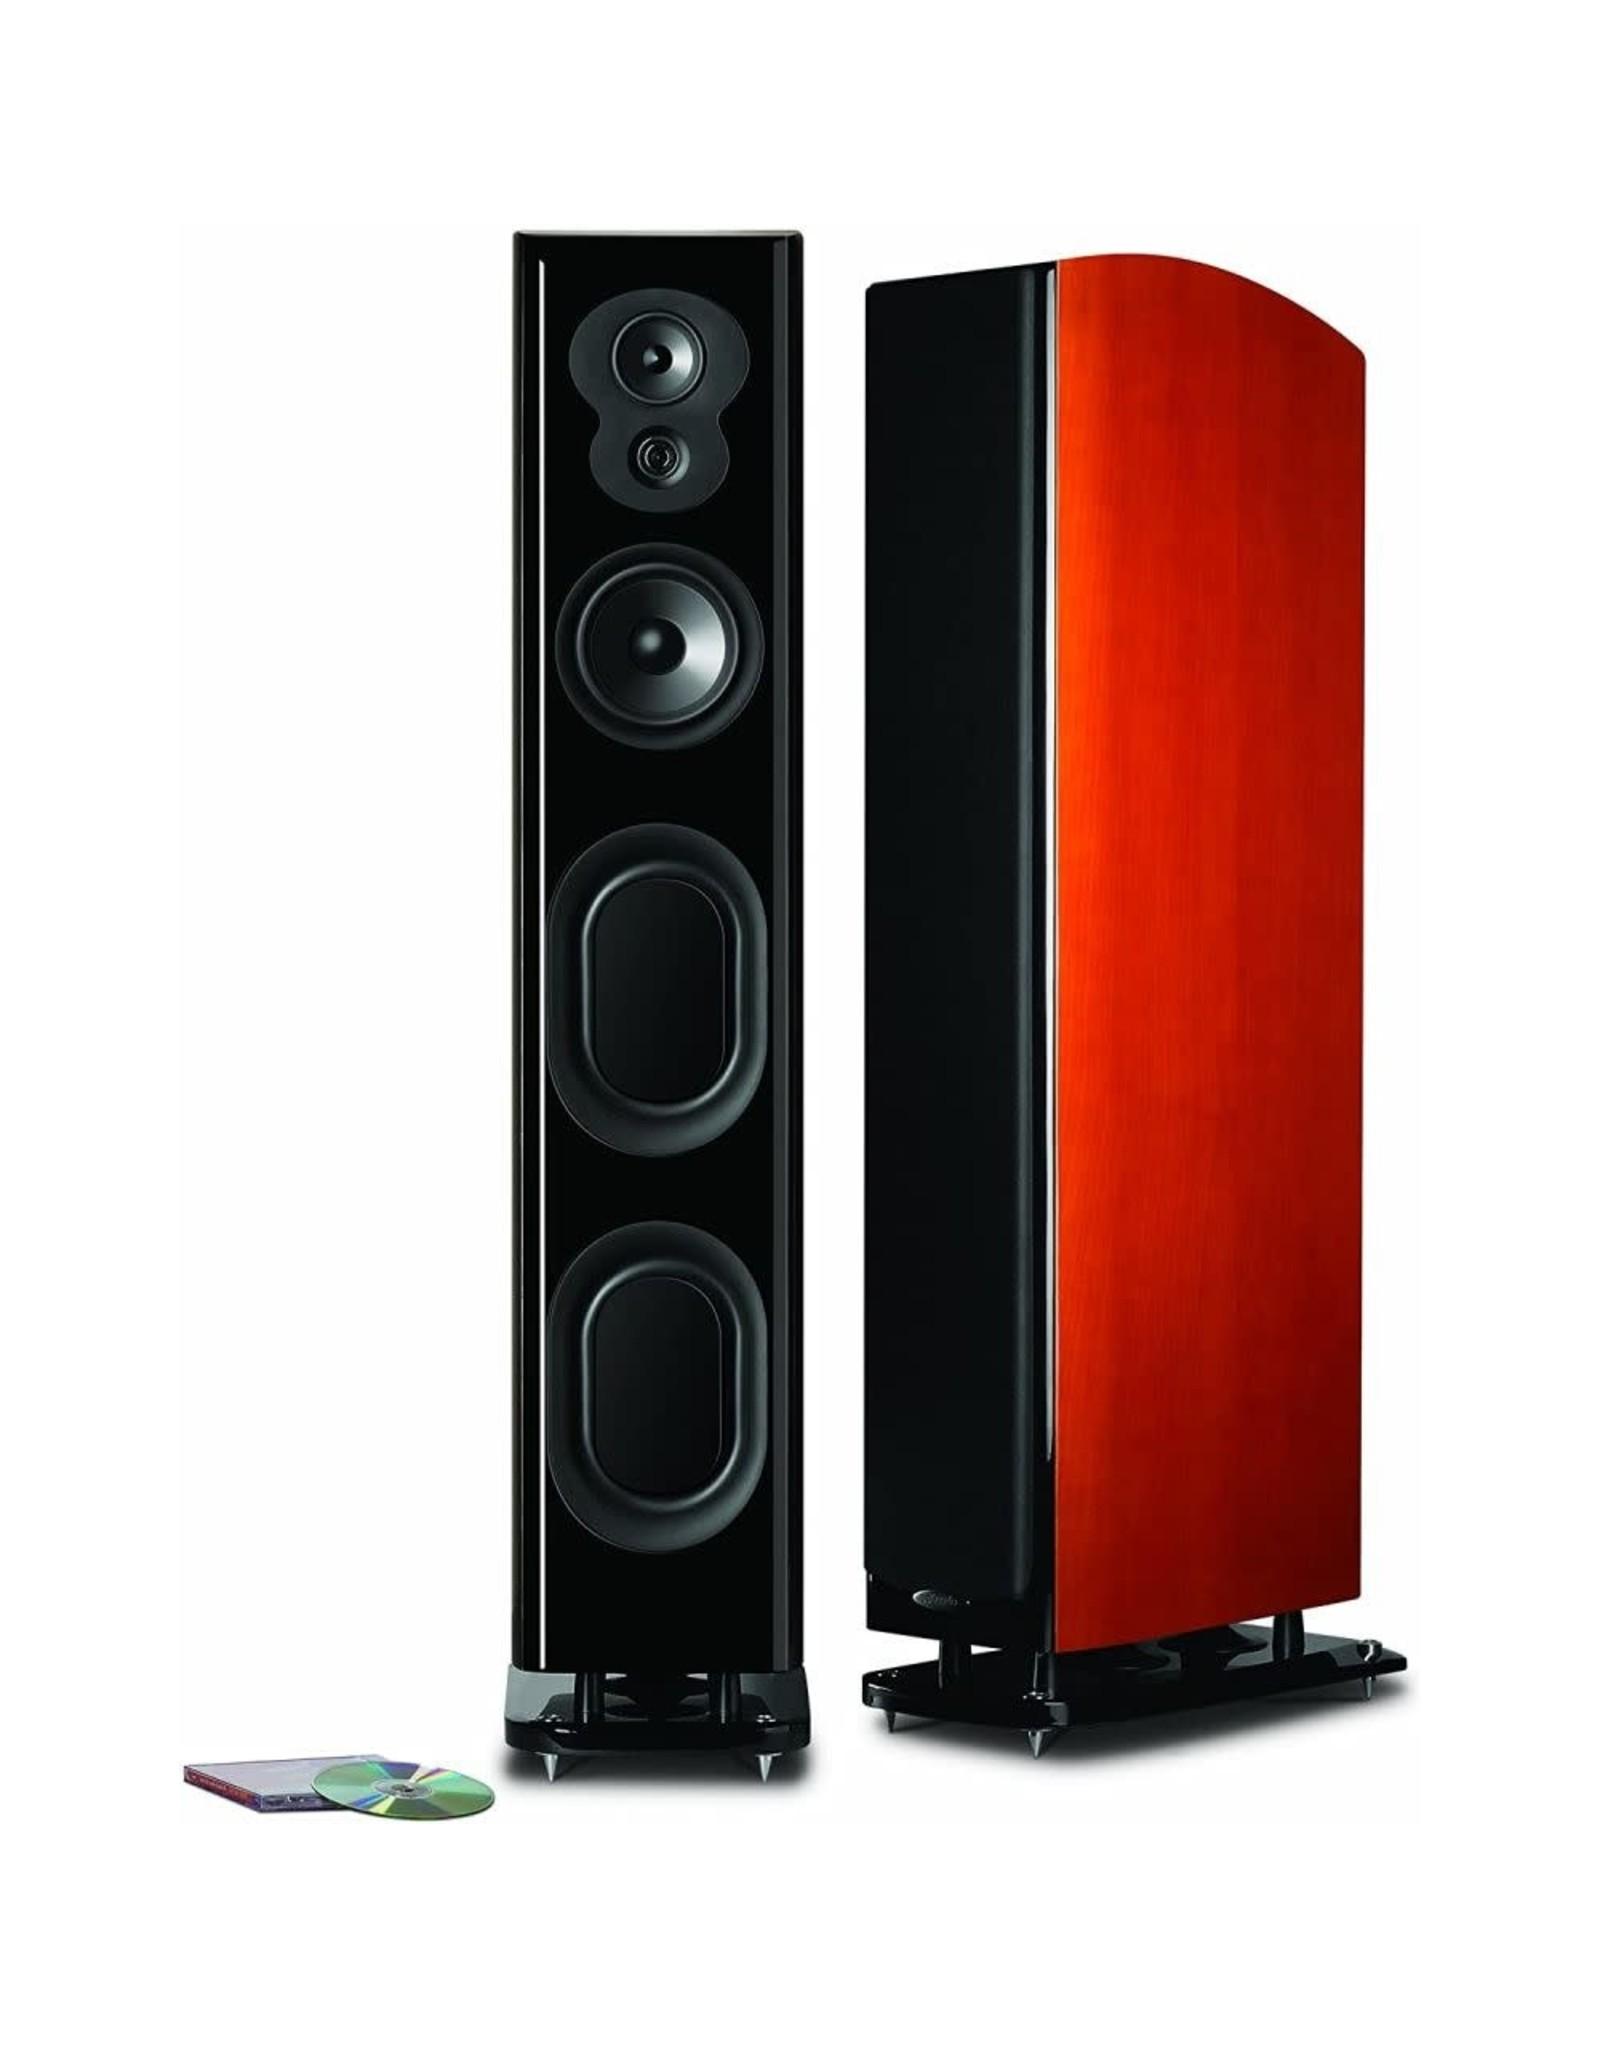 Polk Polk Audio LSi M 707 Floorstanding Speakers USED